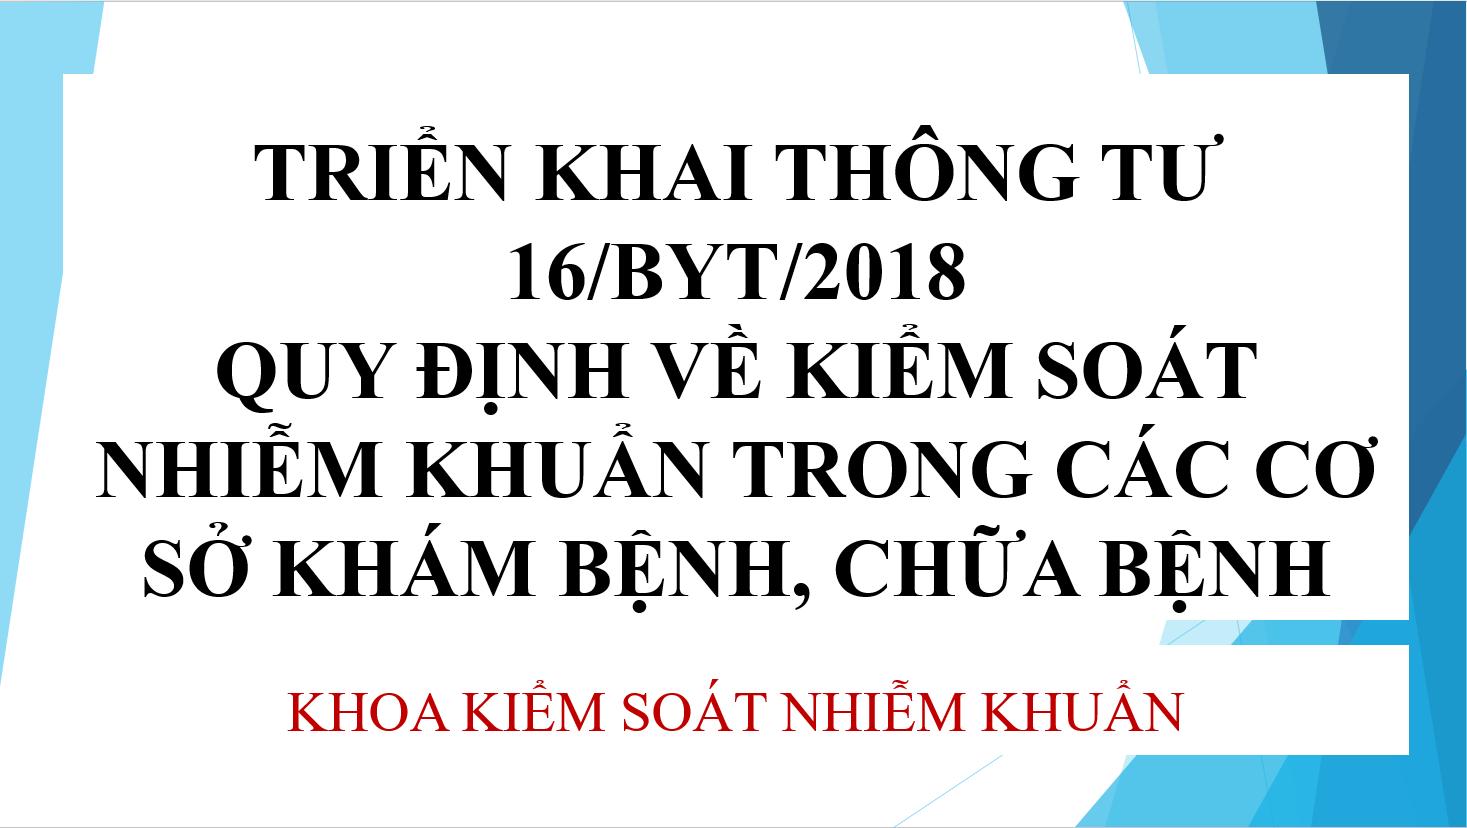 Triển khai thông tư 16/BYT/2018 tại bệnh viện đa khoa Hòa Bình